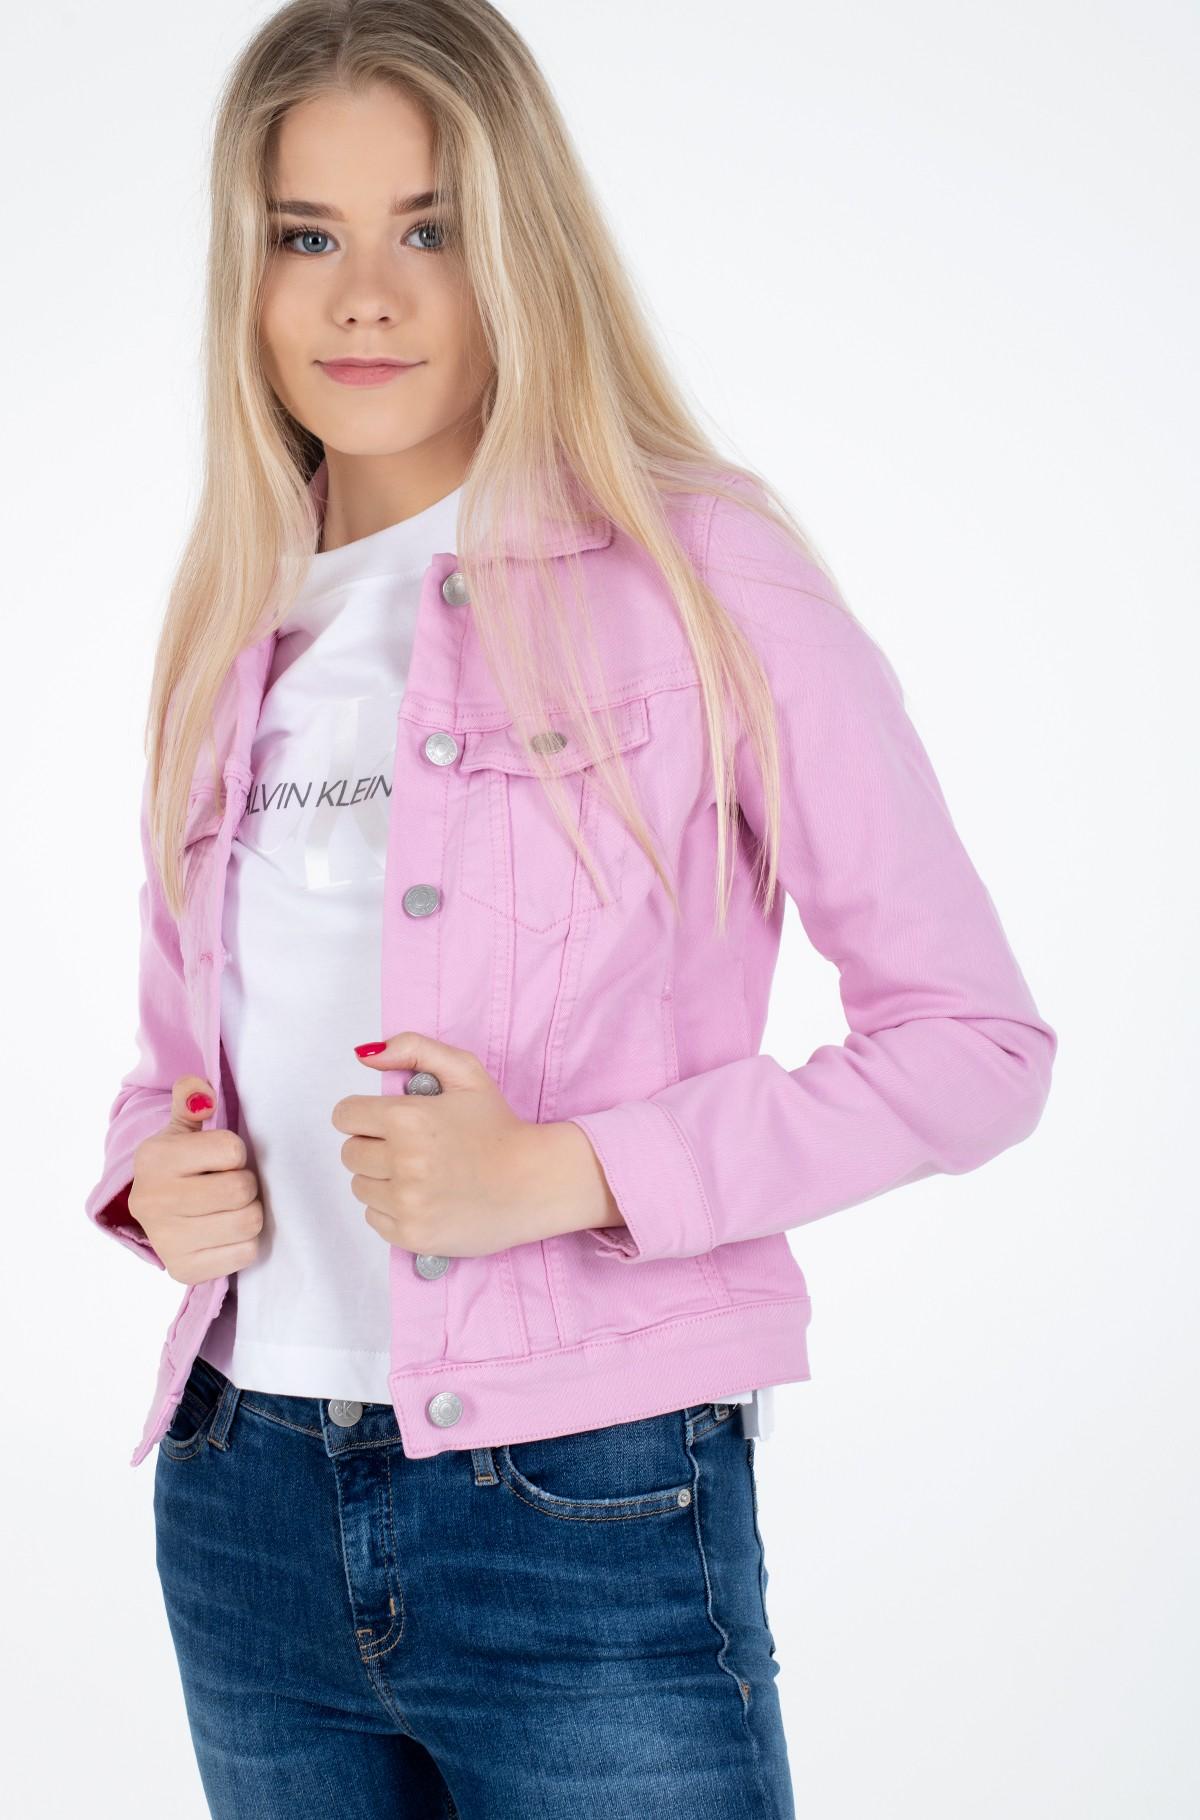 Denim jacket 1016635-full-1